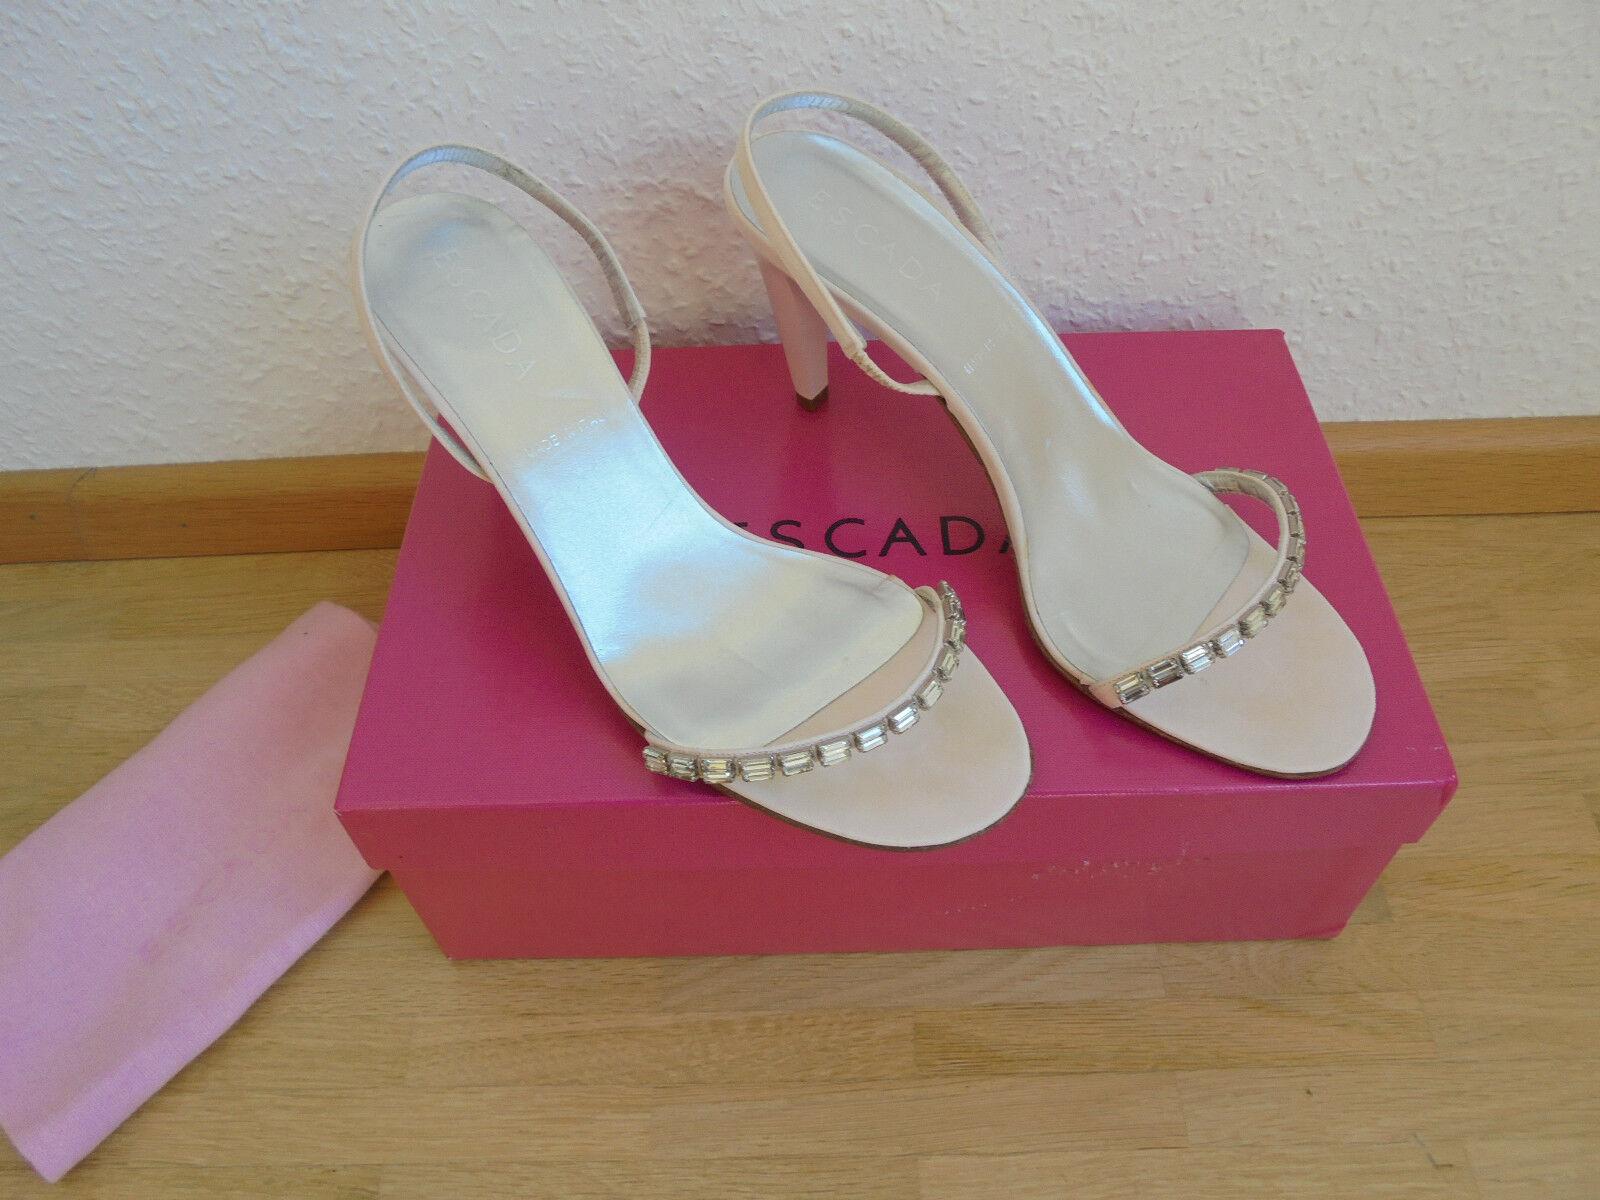 ♥ NEU Original ESCADA NP: Leder Sandaletten NP: ESCADA  Pumps Tasche Schuhe Gr. 38 ♥ fef10c